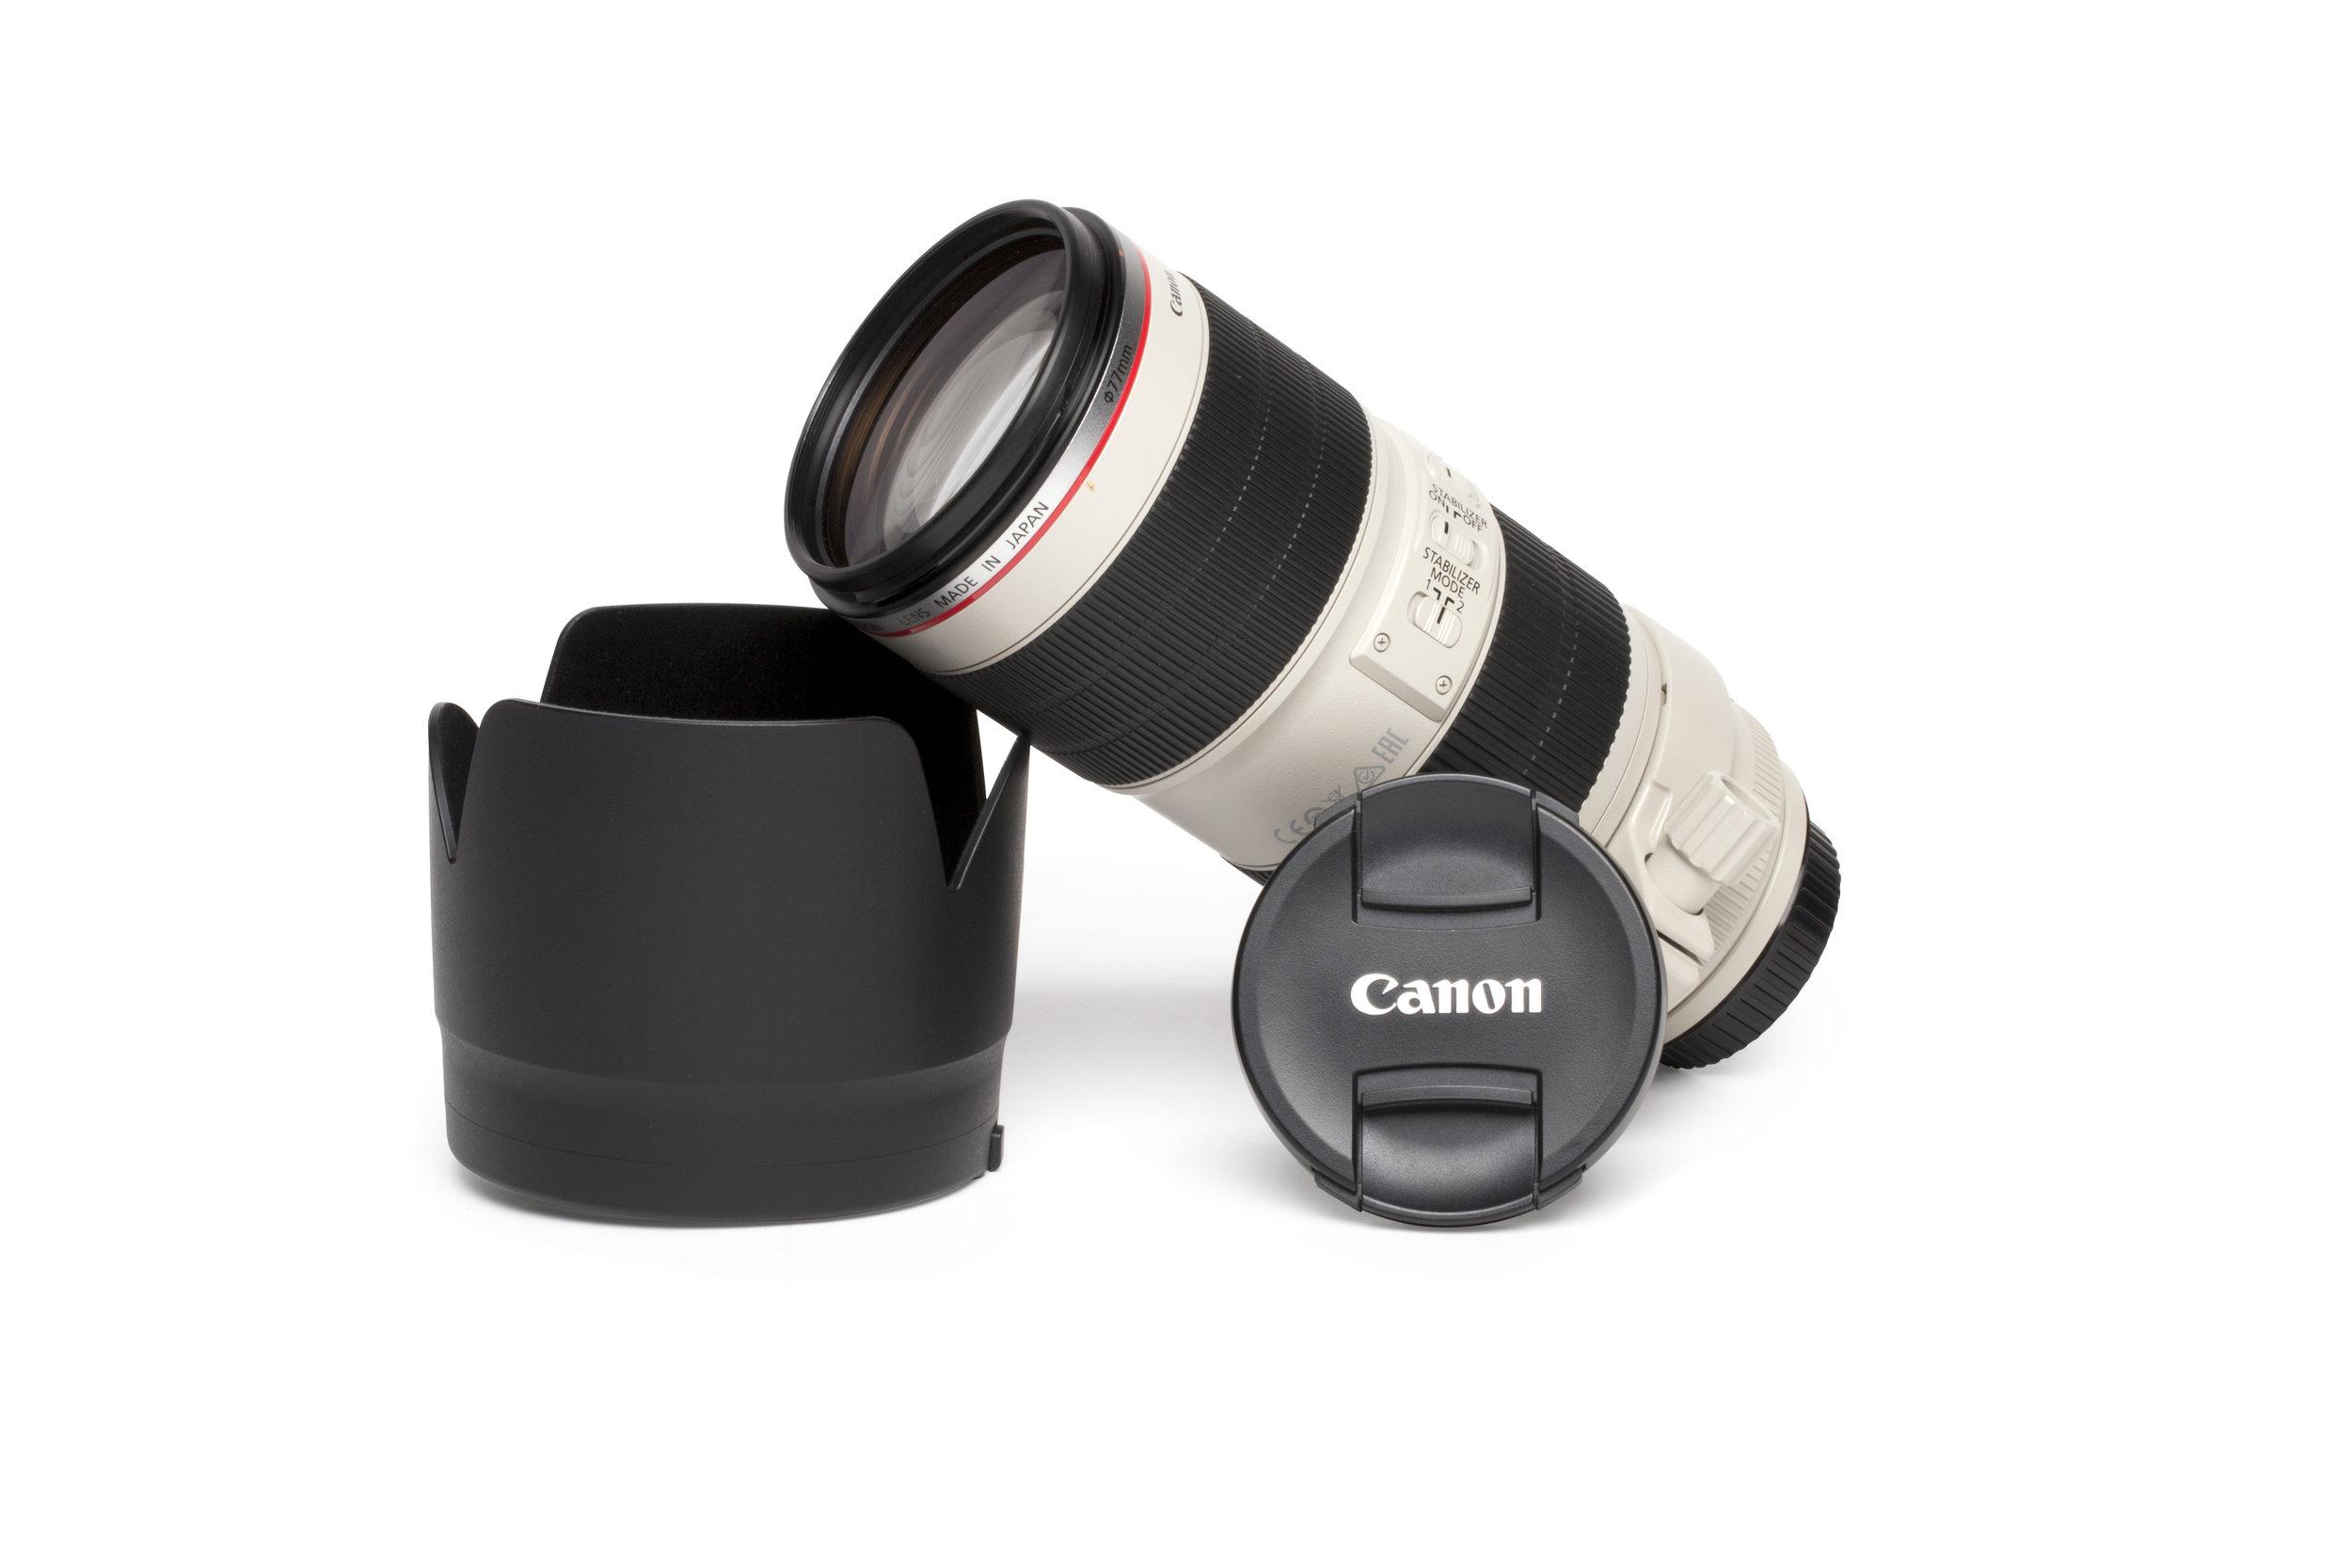 CanonLens_shadow.jpg